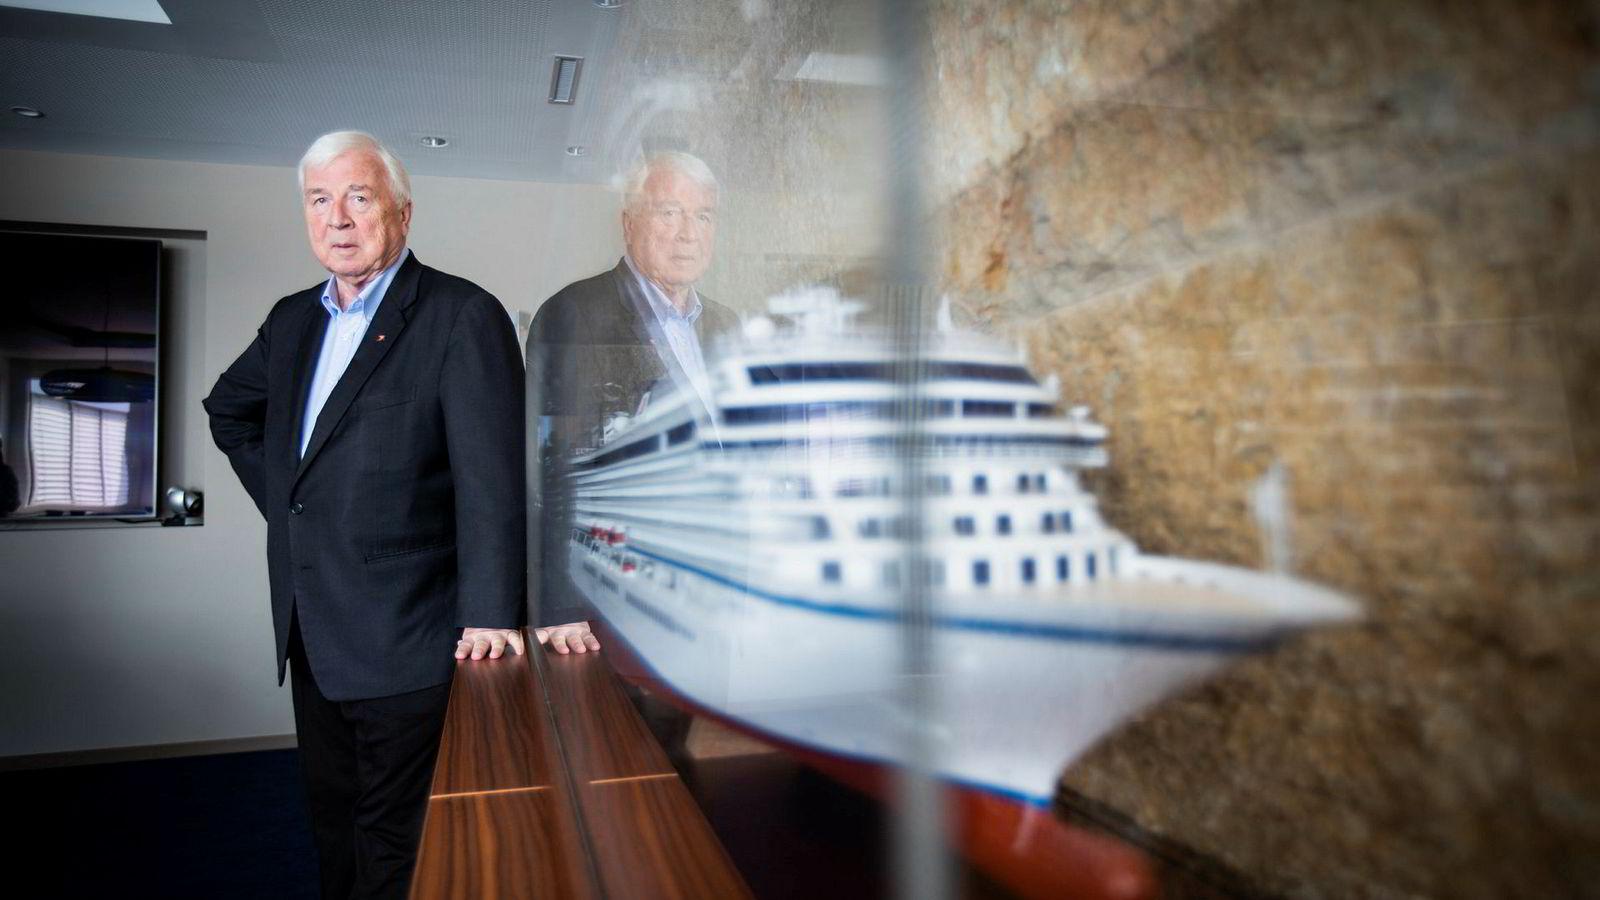 Skipsreder Torstein Hagen ved siden av en modell av Viking Star. Torstein Hagen er leder for selskapet Viking Cruise, med hovedsete i Basel.